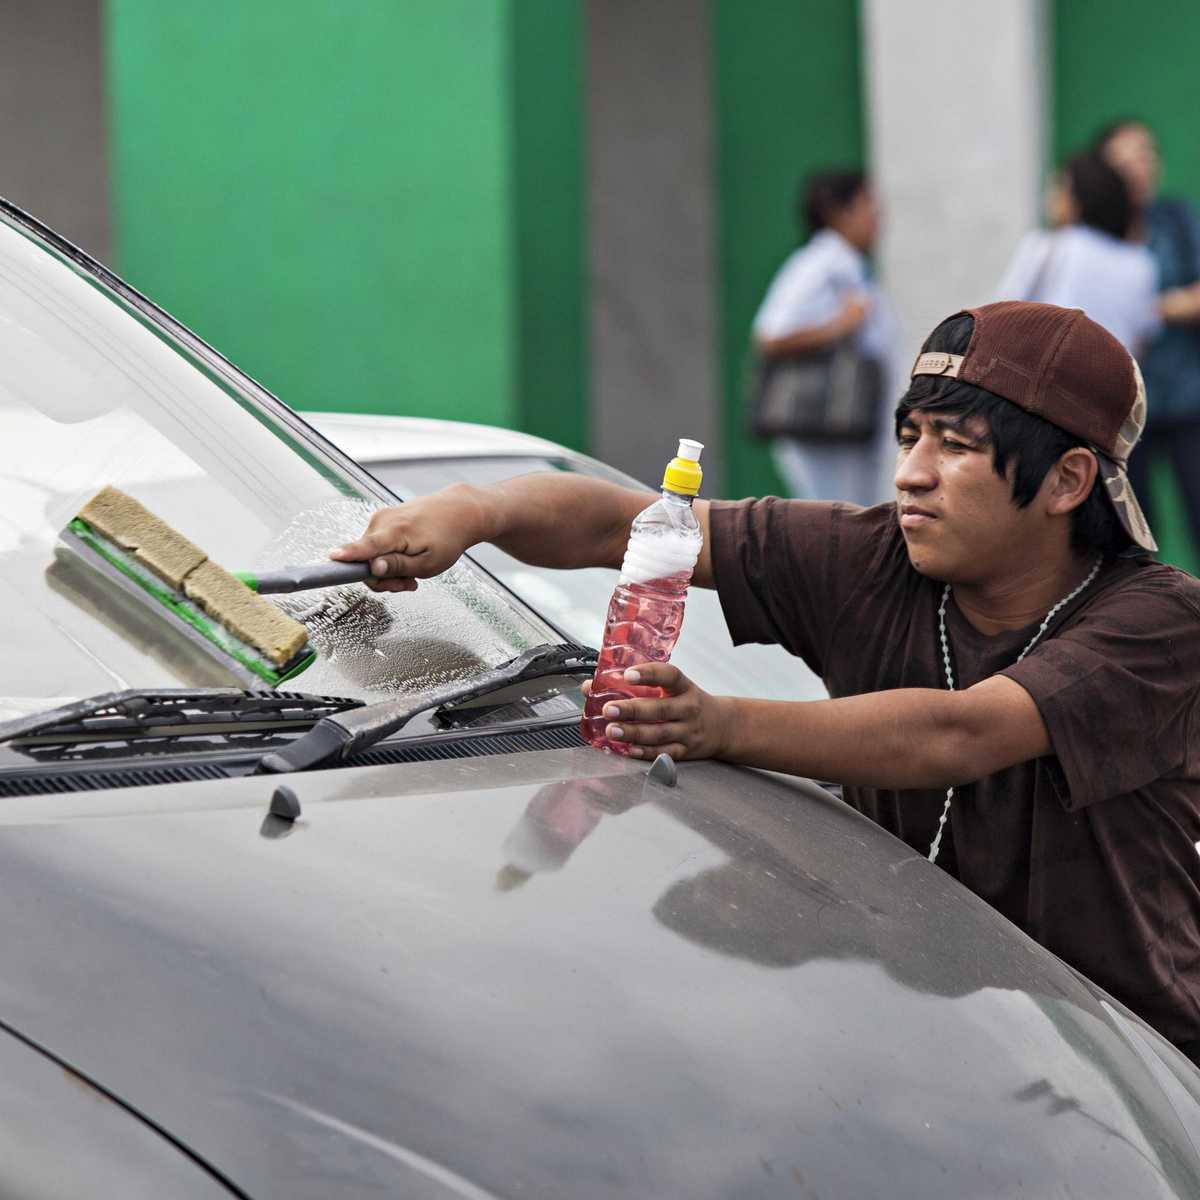 Straßenkind in Bolivien beim Putzen von Autoscheiben